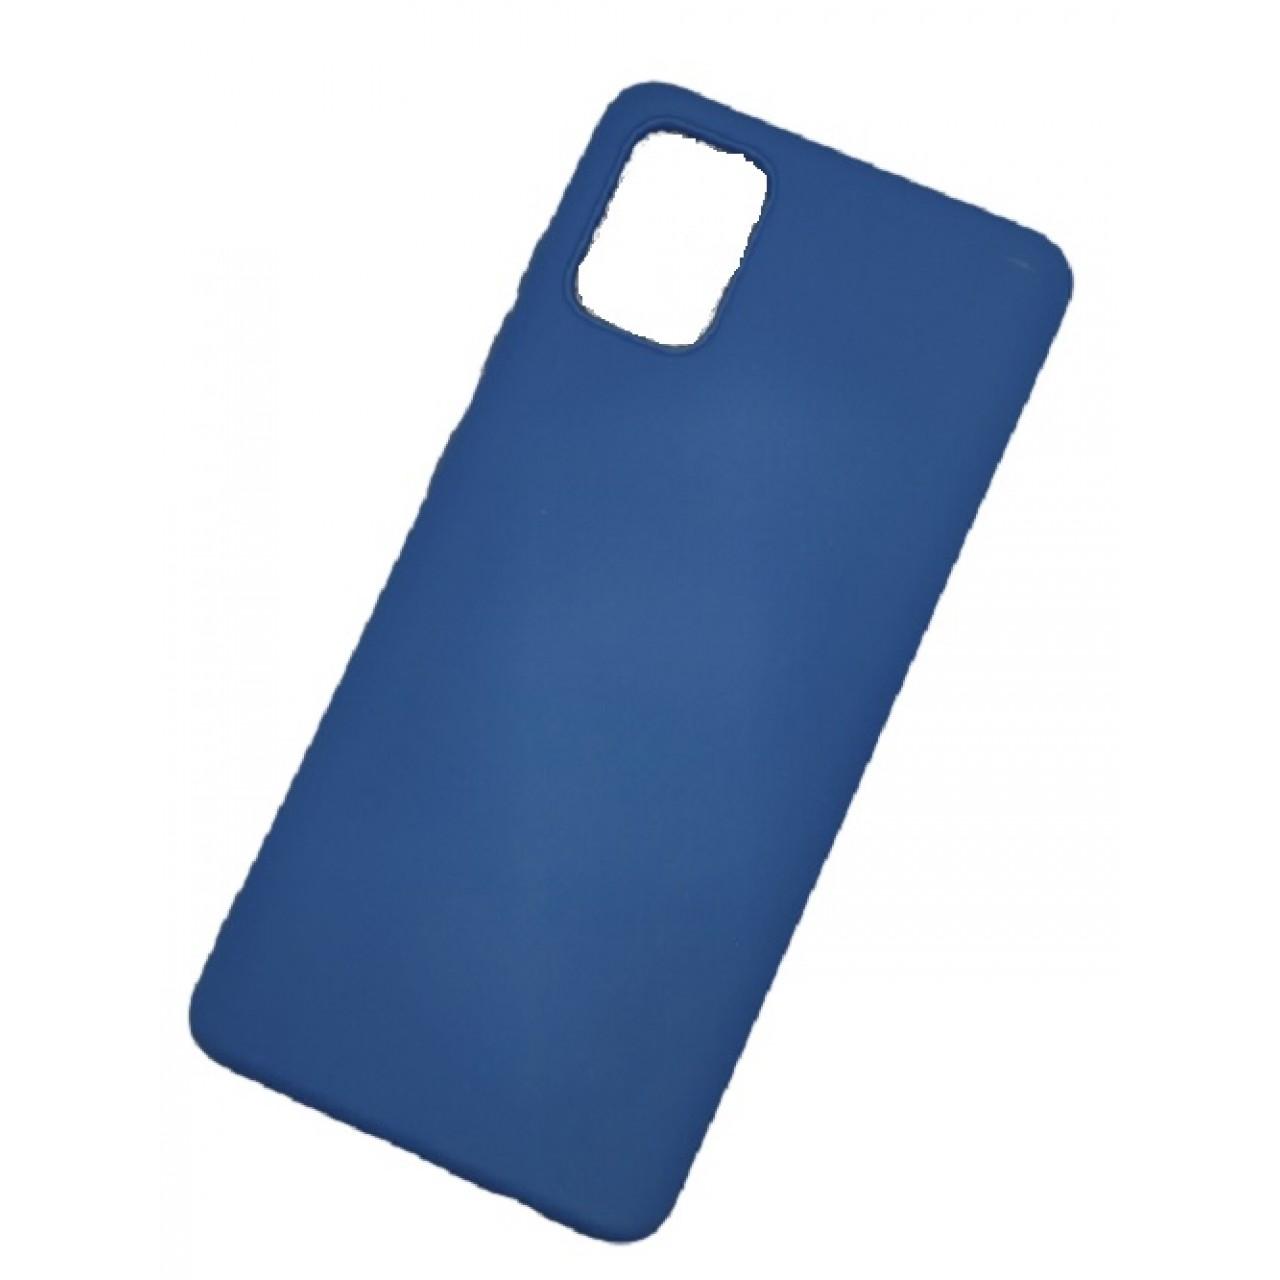 ΘΗΚΗ ΠΡΟΣΤΑΣΙΑΣ ΣΙΛΙΚΟΝΗΣ ΓΙΑ Samsung A71 ΜΠΛΕ - BACK COVER SILICONE CASE MIDNIGHT BLUE - OEM